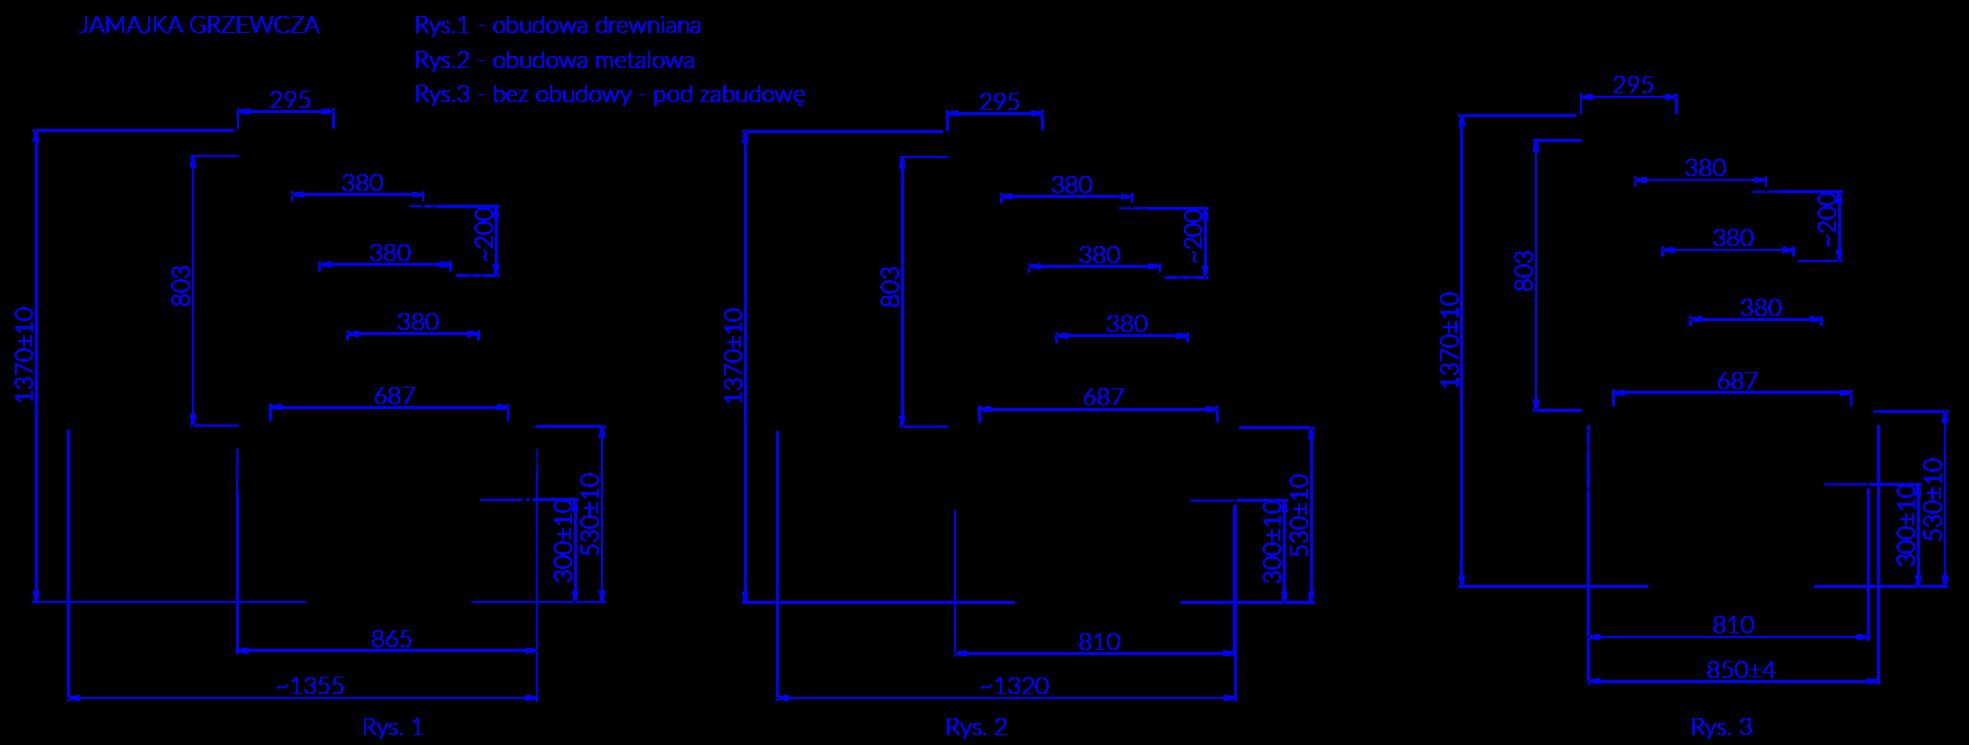 Rysunek techniczny Witryna Grzewcza JAMAJKA G